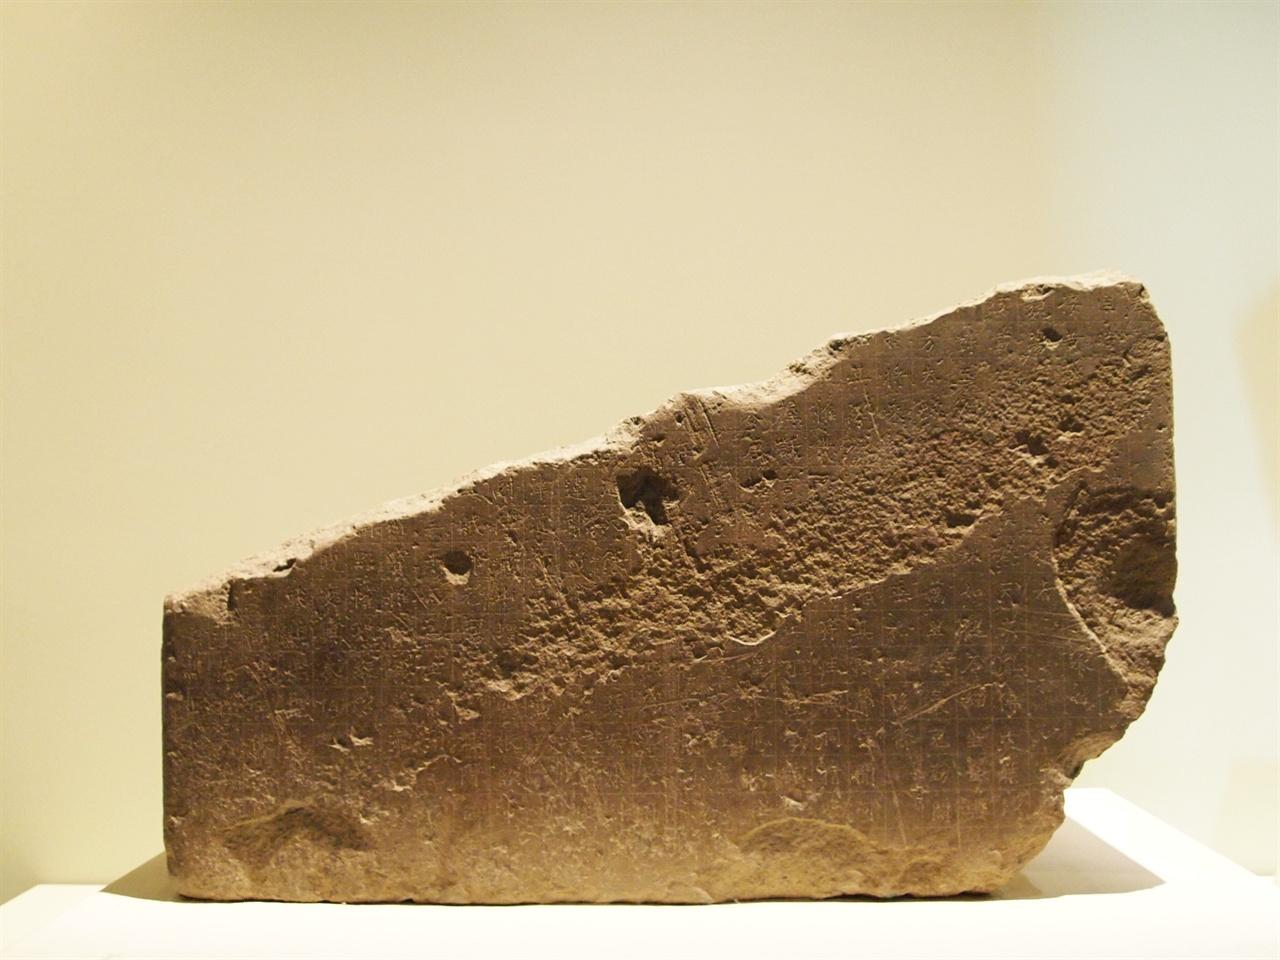 문무왕릉비 문무왕릉비의 하단, 금석문에만 등장하는 '투후'와 '성한왕'의 존재는 과연 어떤 의미일까? 사진 : 국립경주박물관 직접 촬영